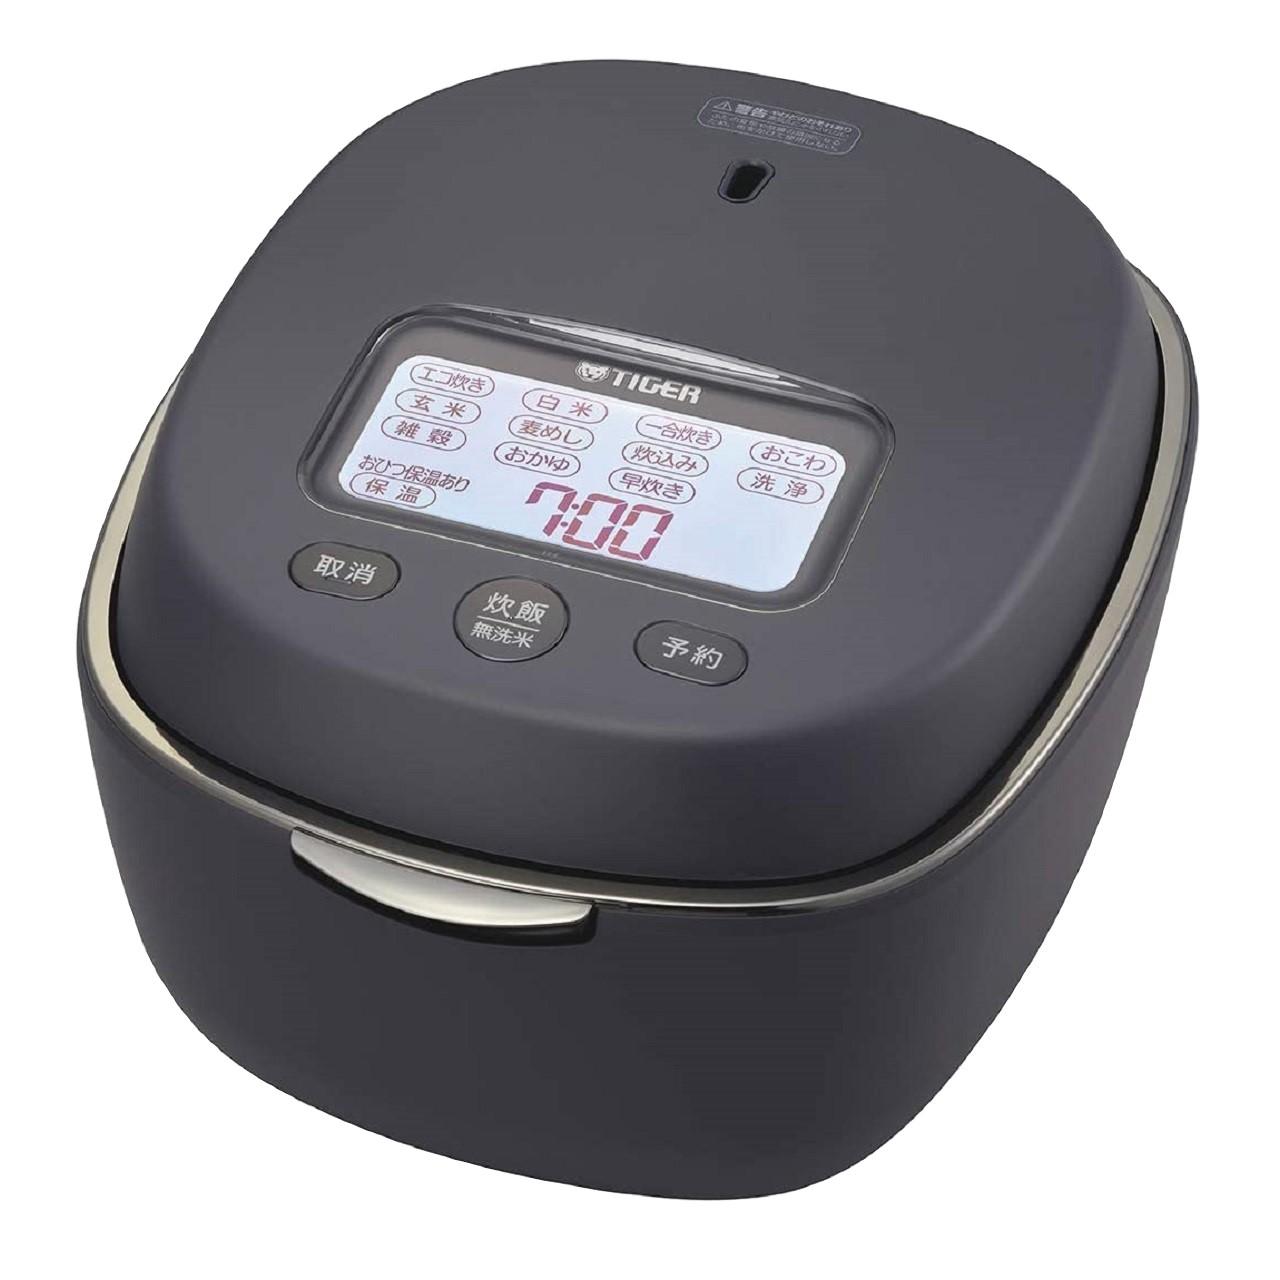 タイガー 炊きたて ご泡火炊きJPL-A100土鍋圧力IHジャー炊飯器